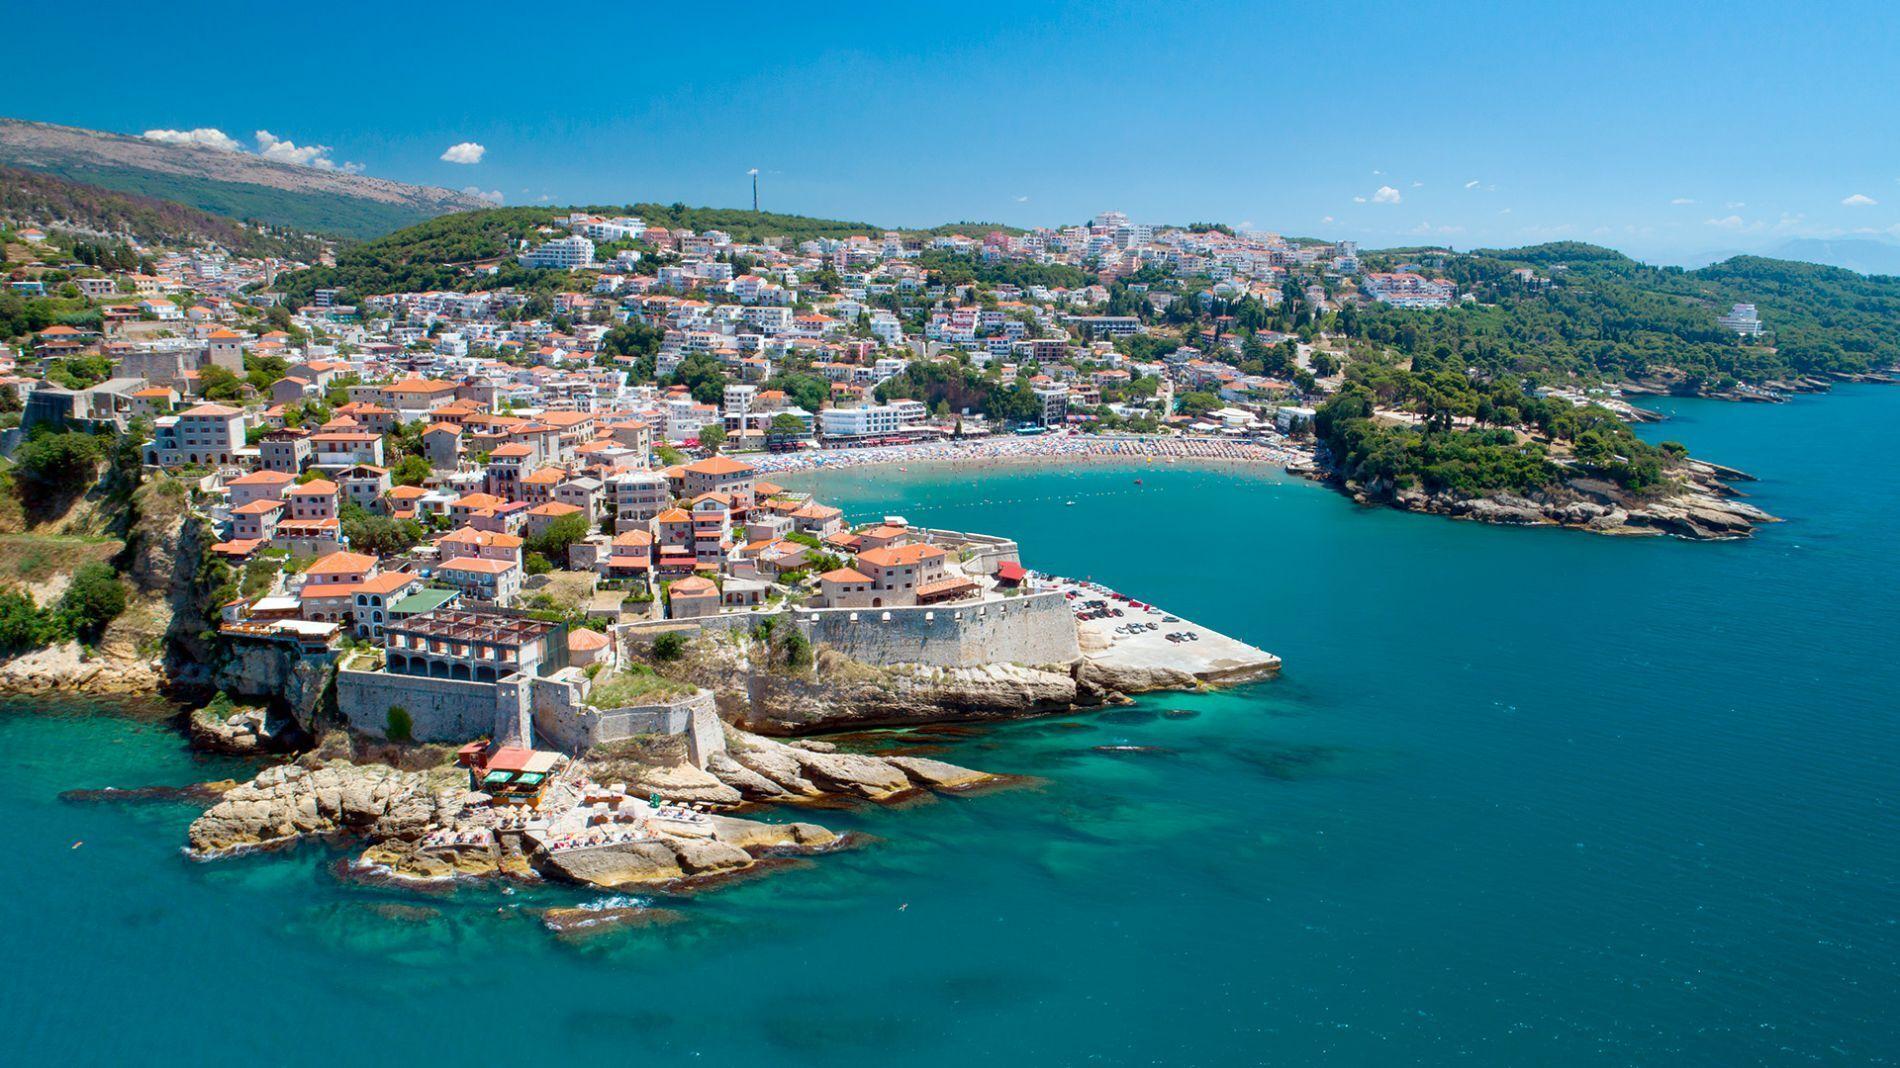 Через піщане дно вода тут прогрівається швидше, ніж в інших регіонах Чорногорії